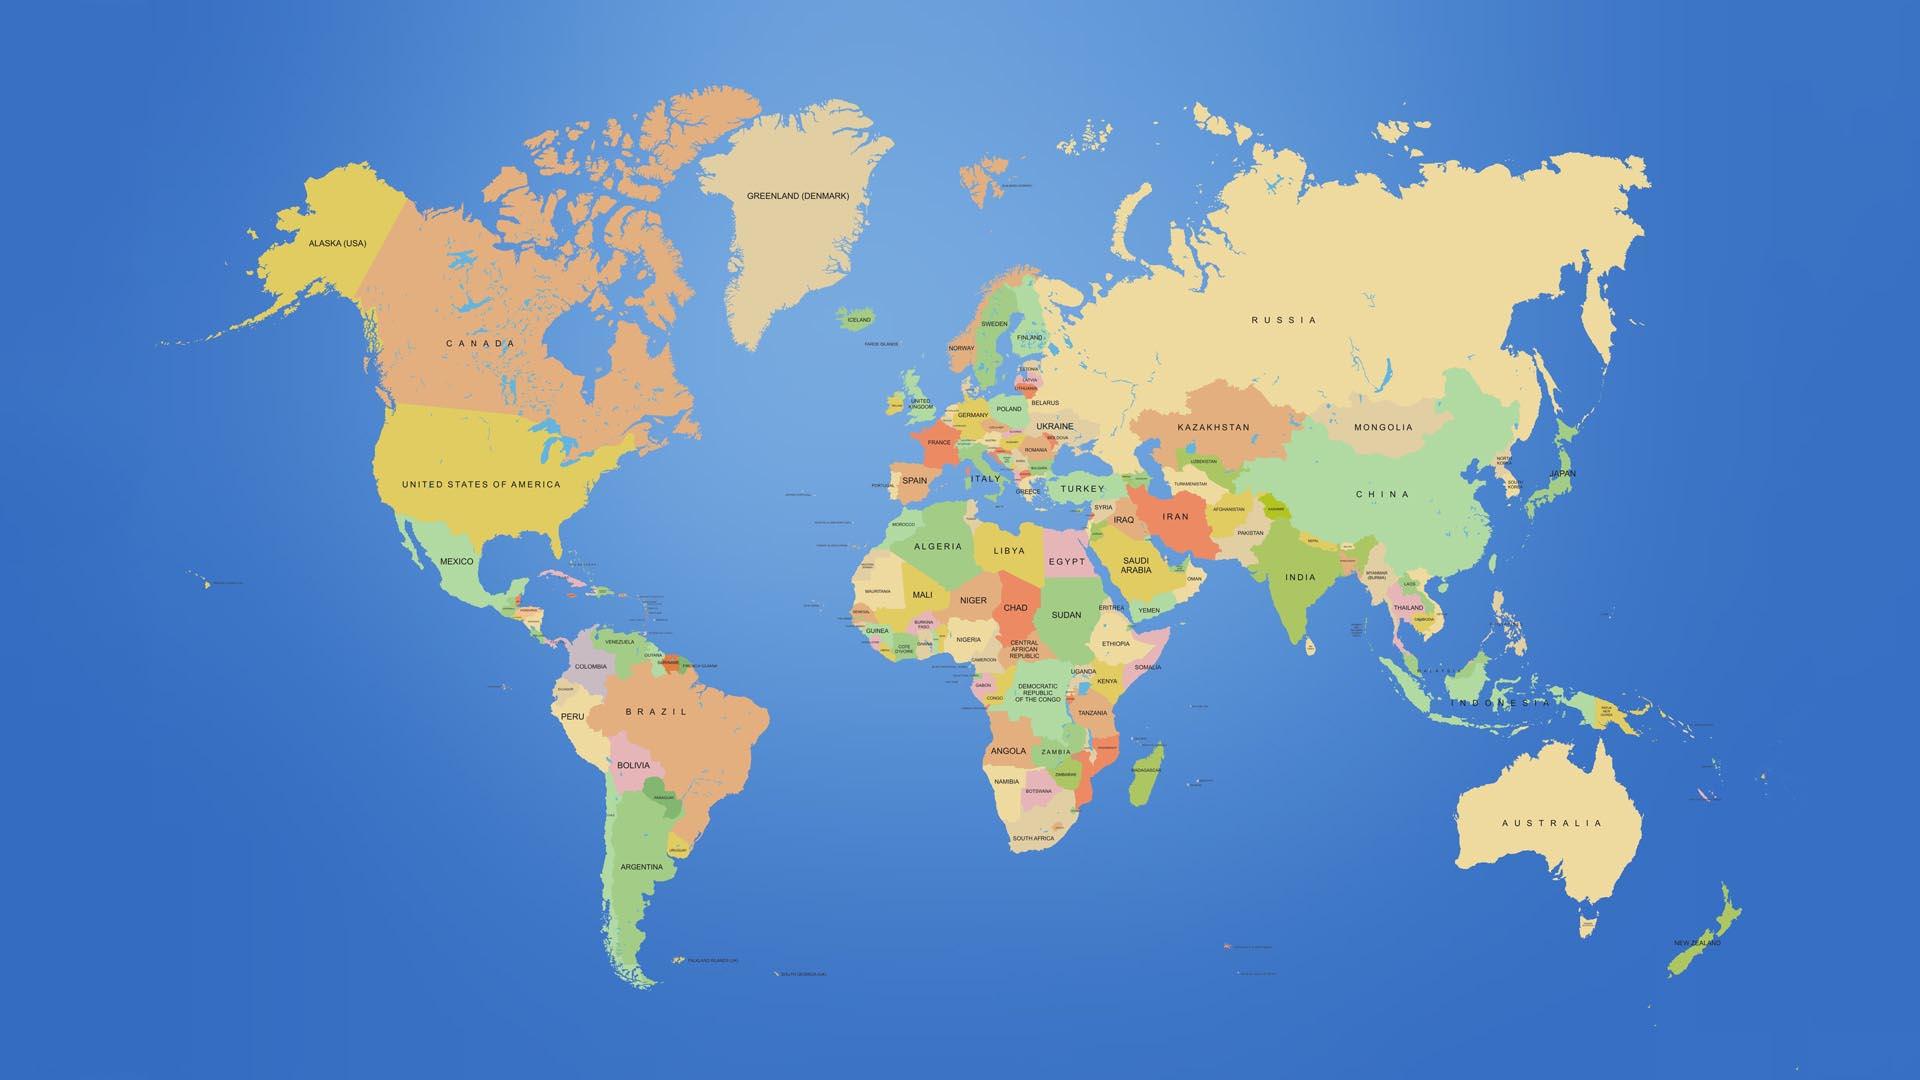 Worldmap_FullHDWpp.com_